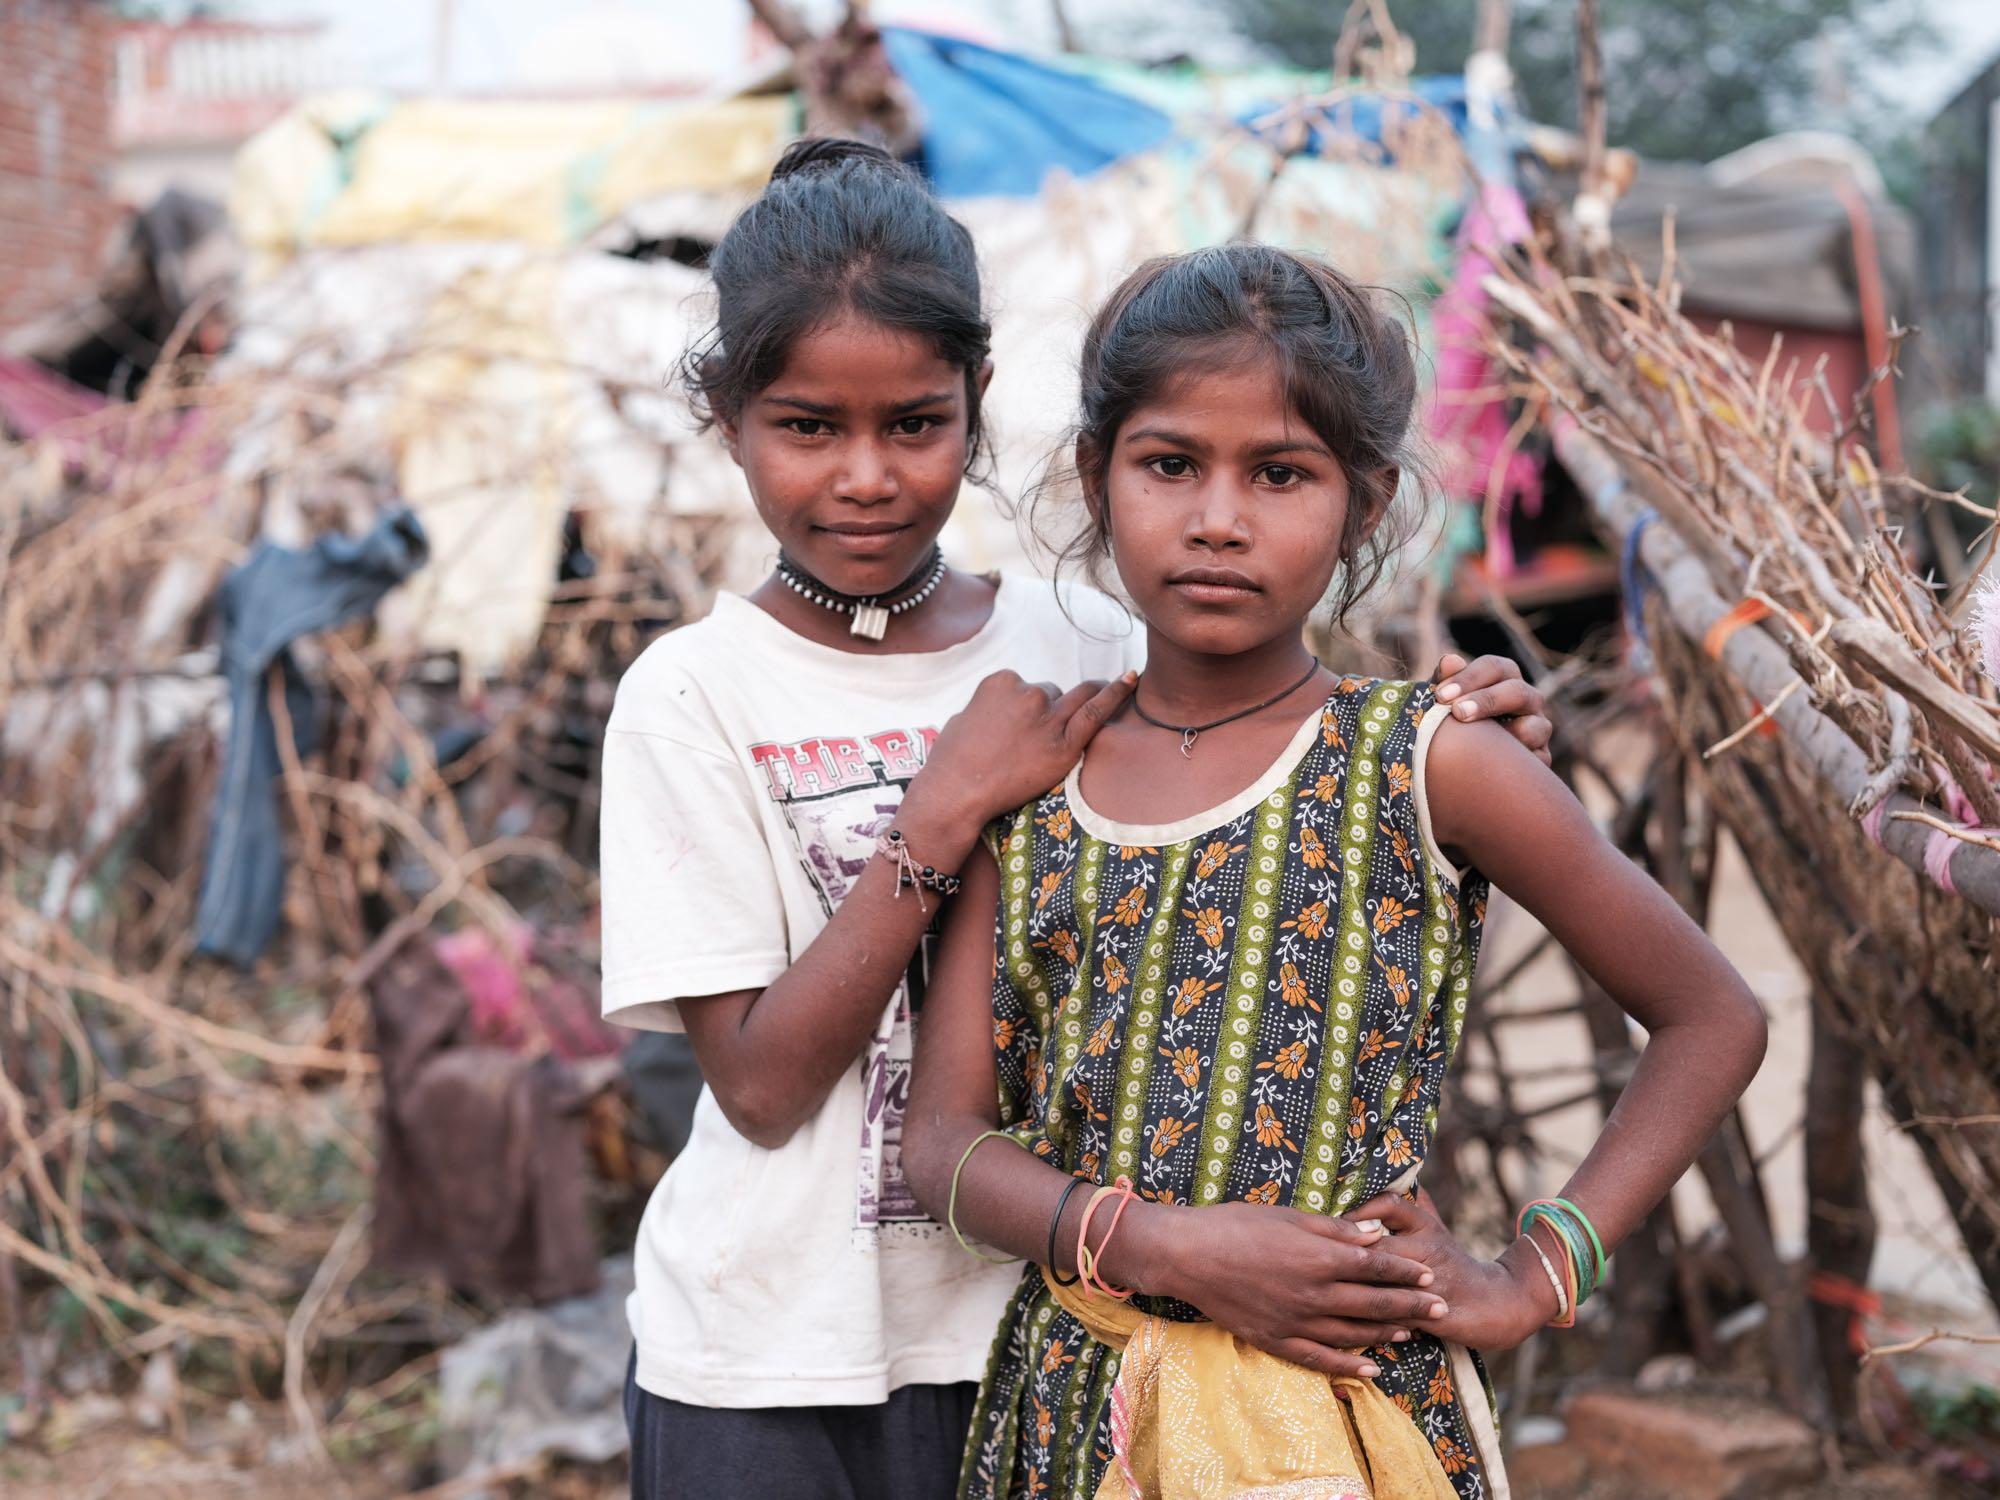 Pushkar Travel Documentary Photography India Jose Jeuland-5